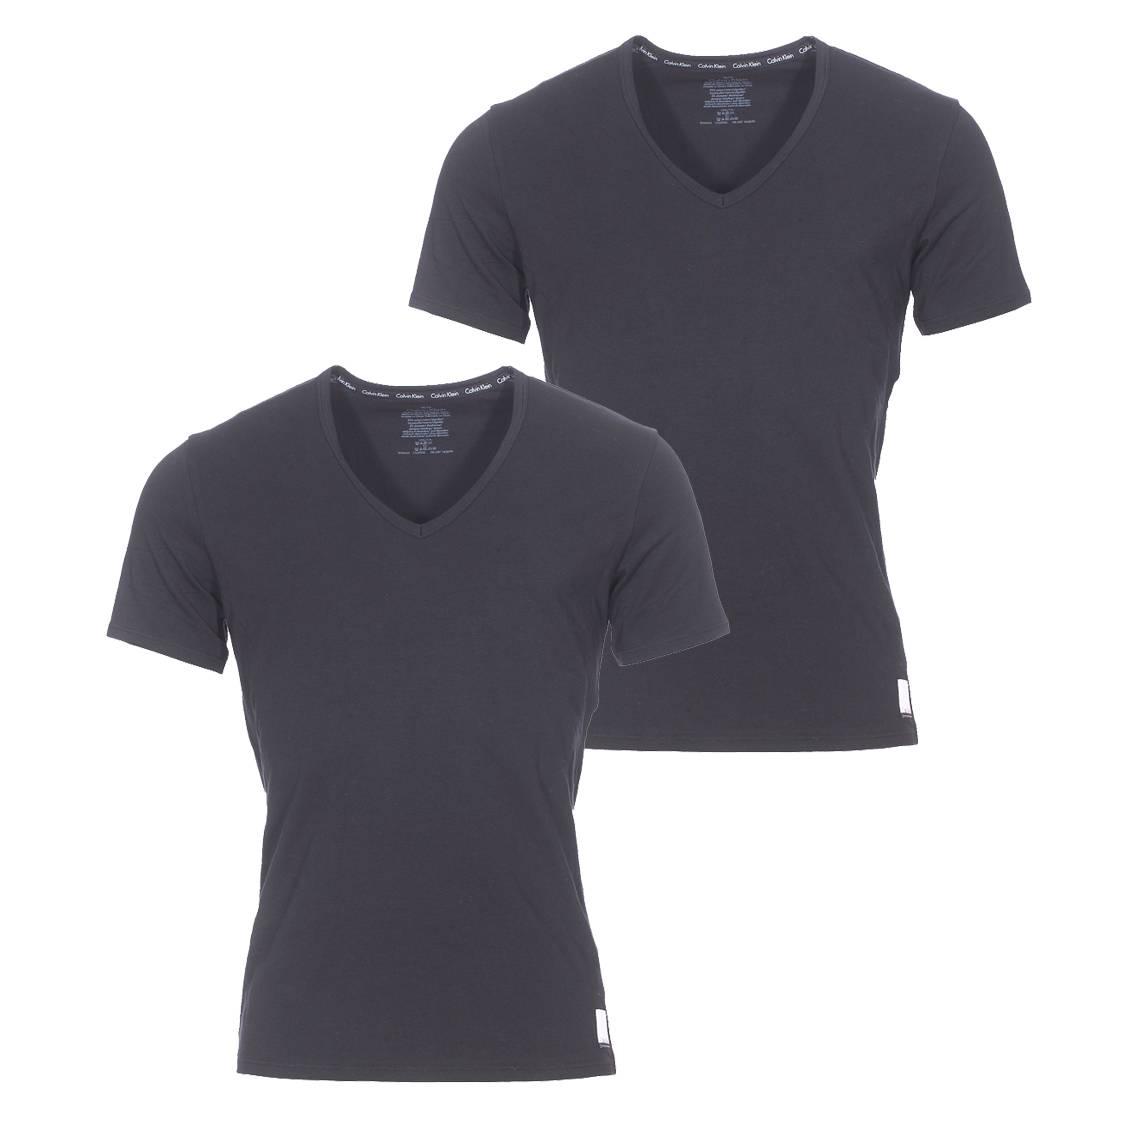 Lot de 2 tee-shirts col v calvin klein en coton stretch noir